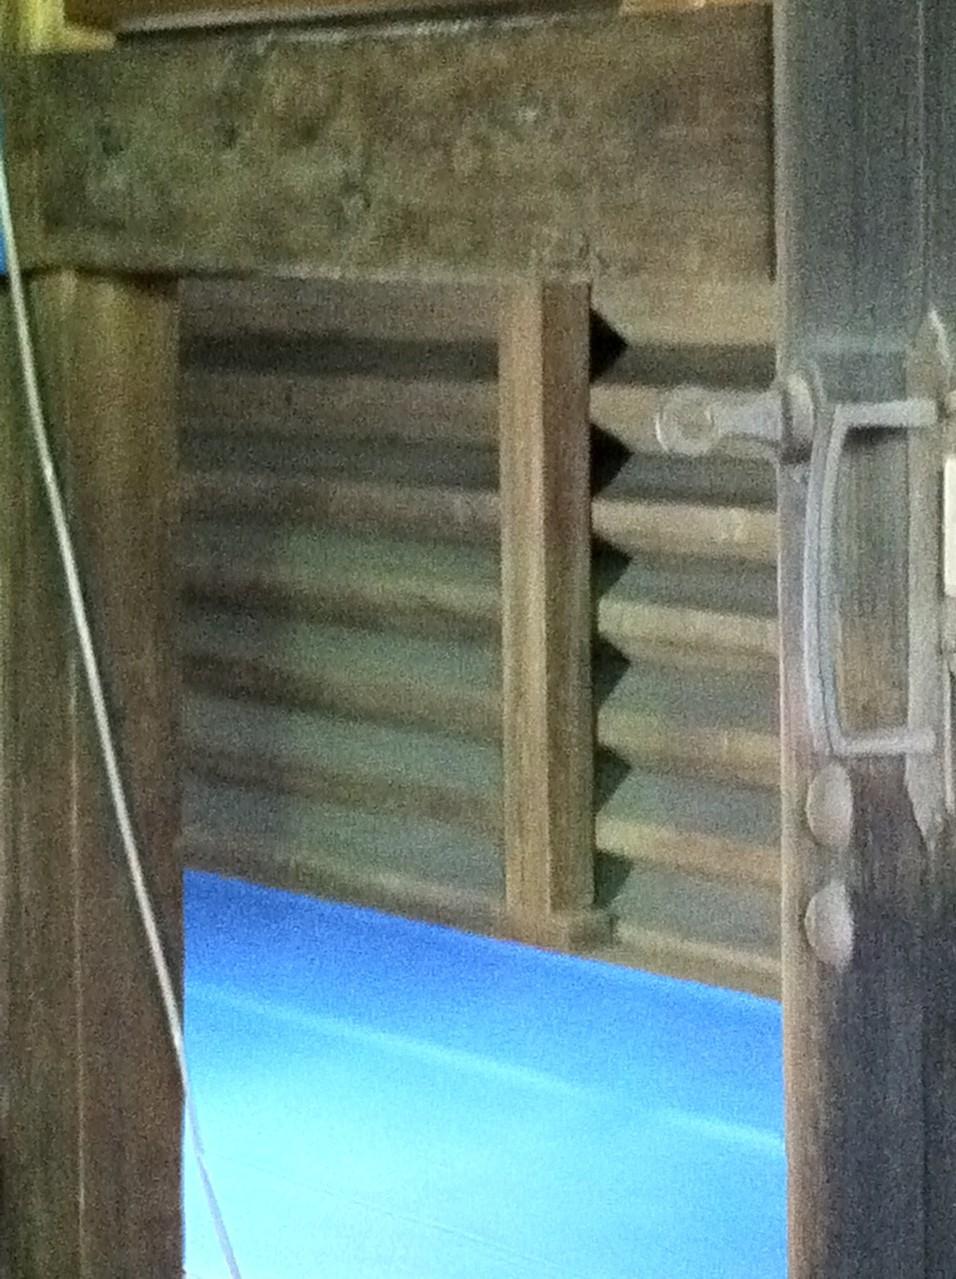 内部の様子(アップで撮影。内部から校倉造の内側が見えます。)